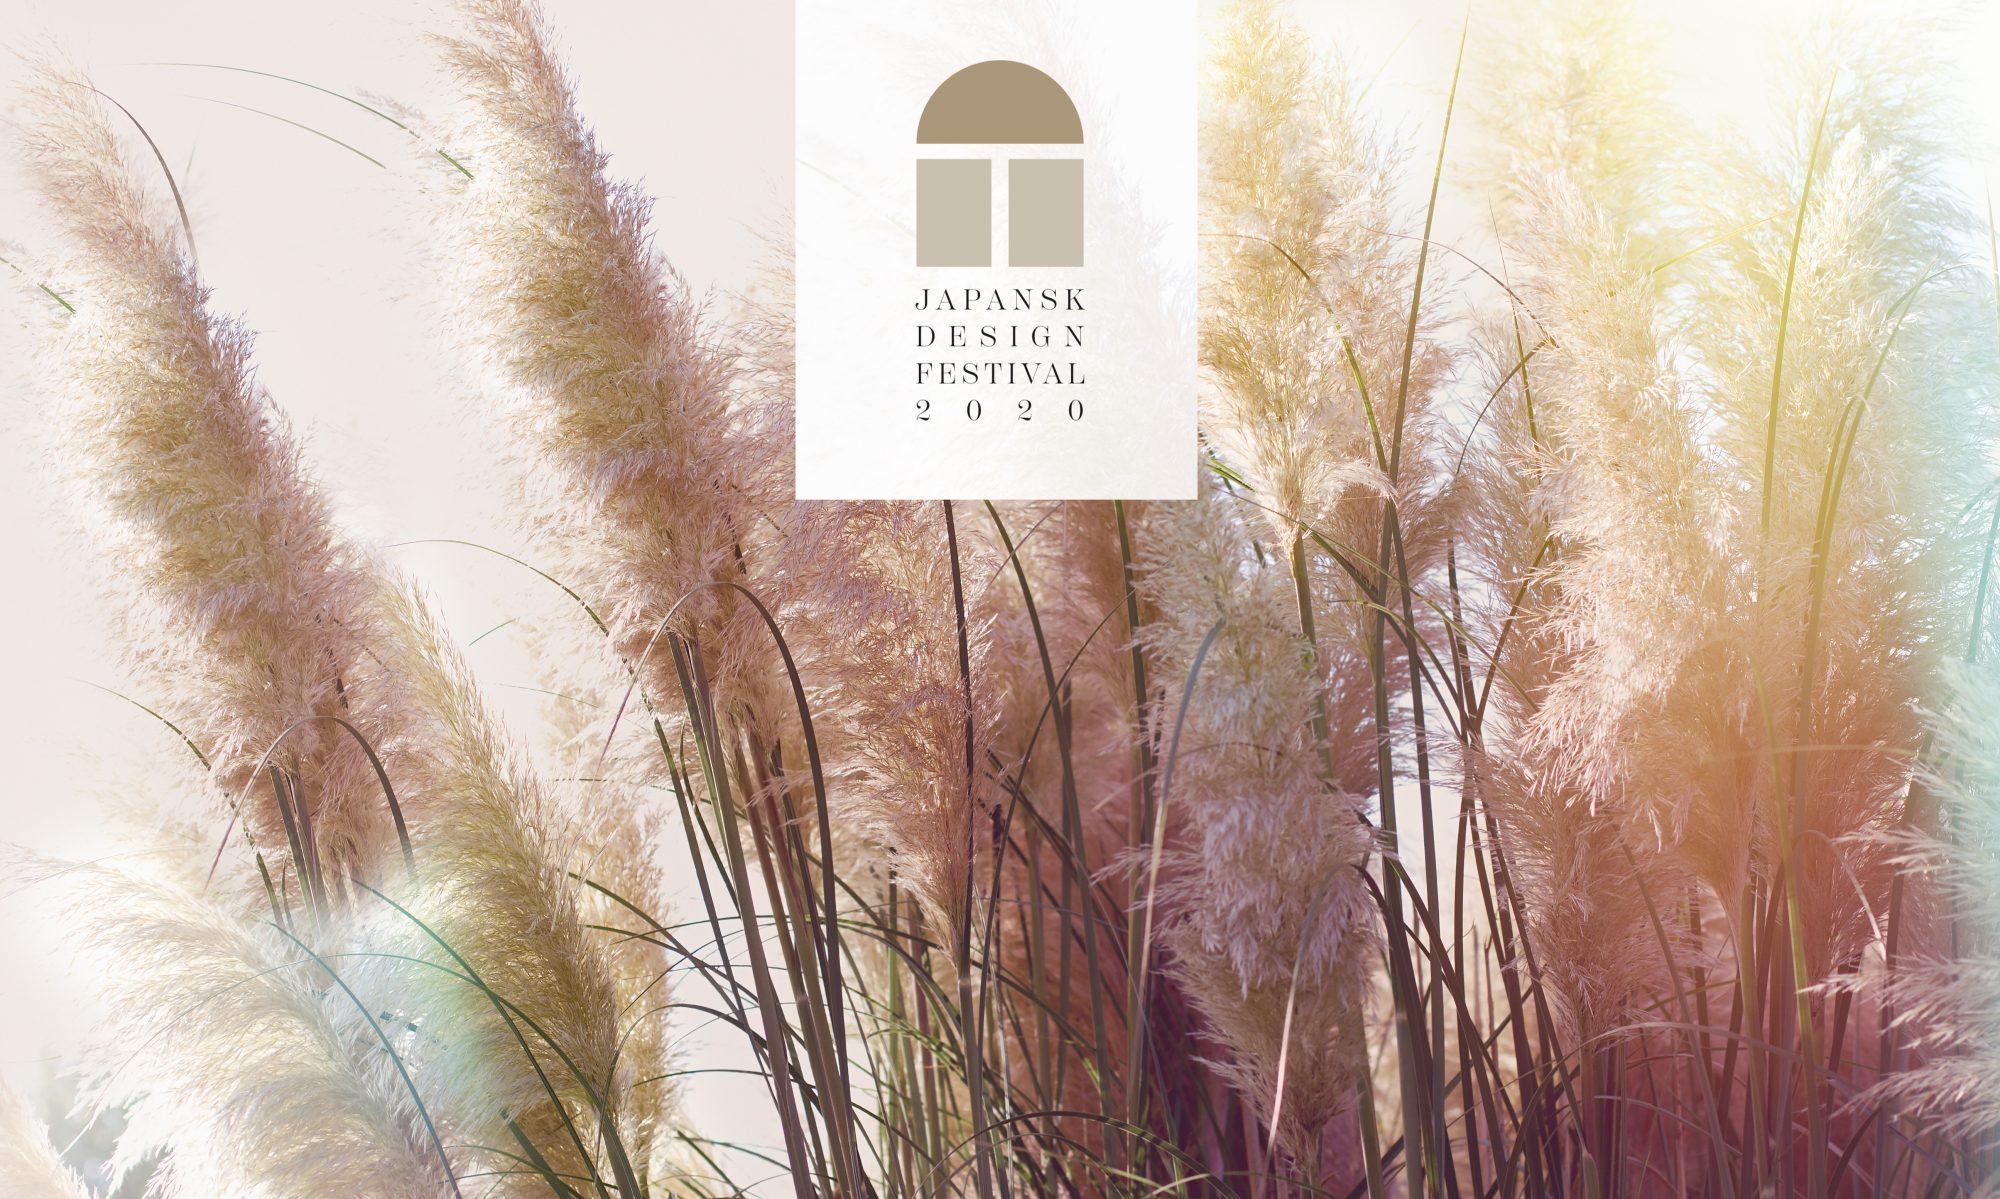 Japansk Designfestival 2020